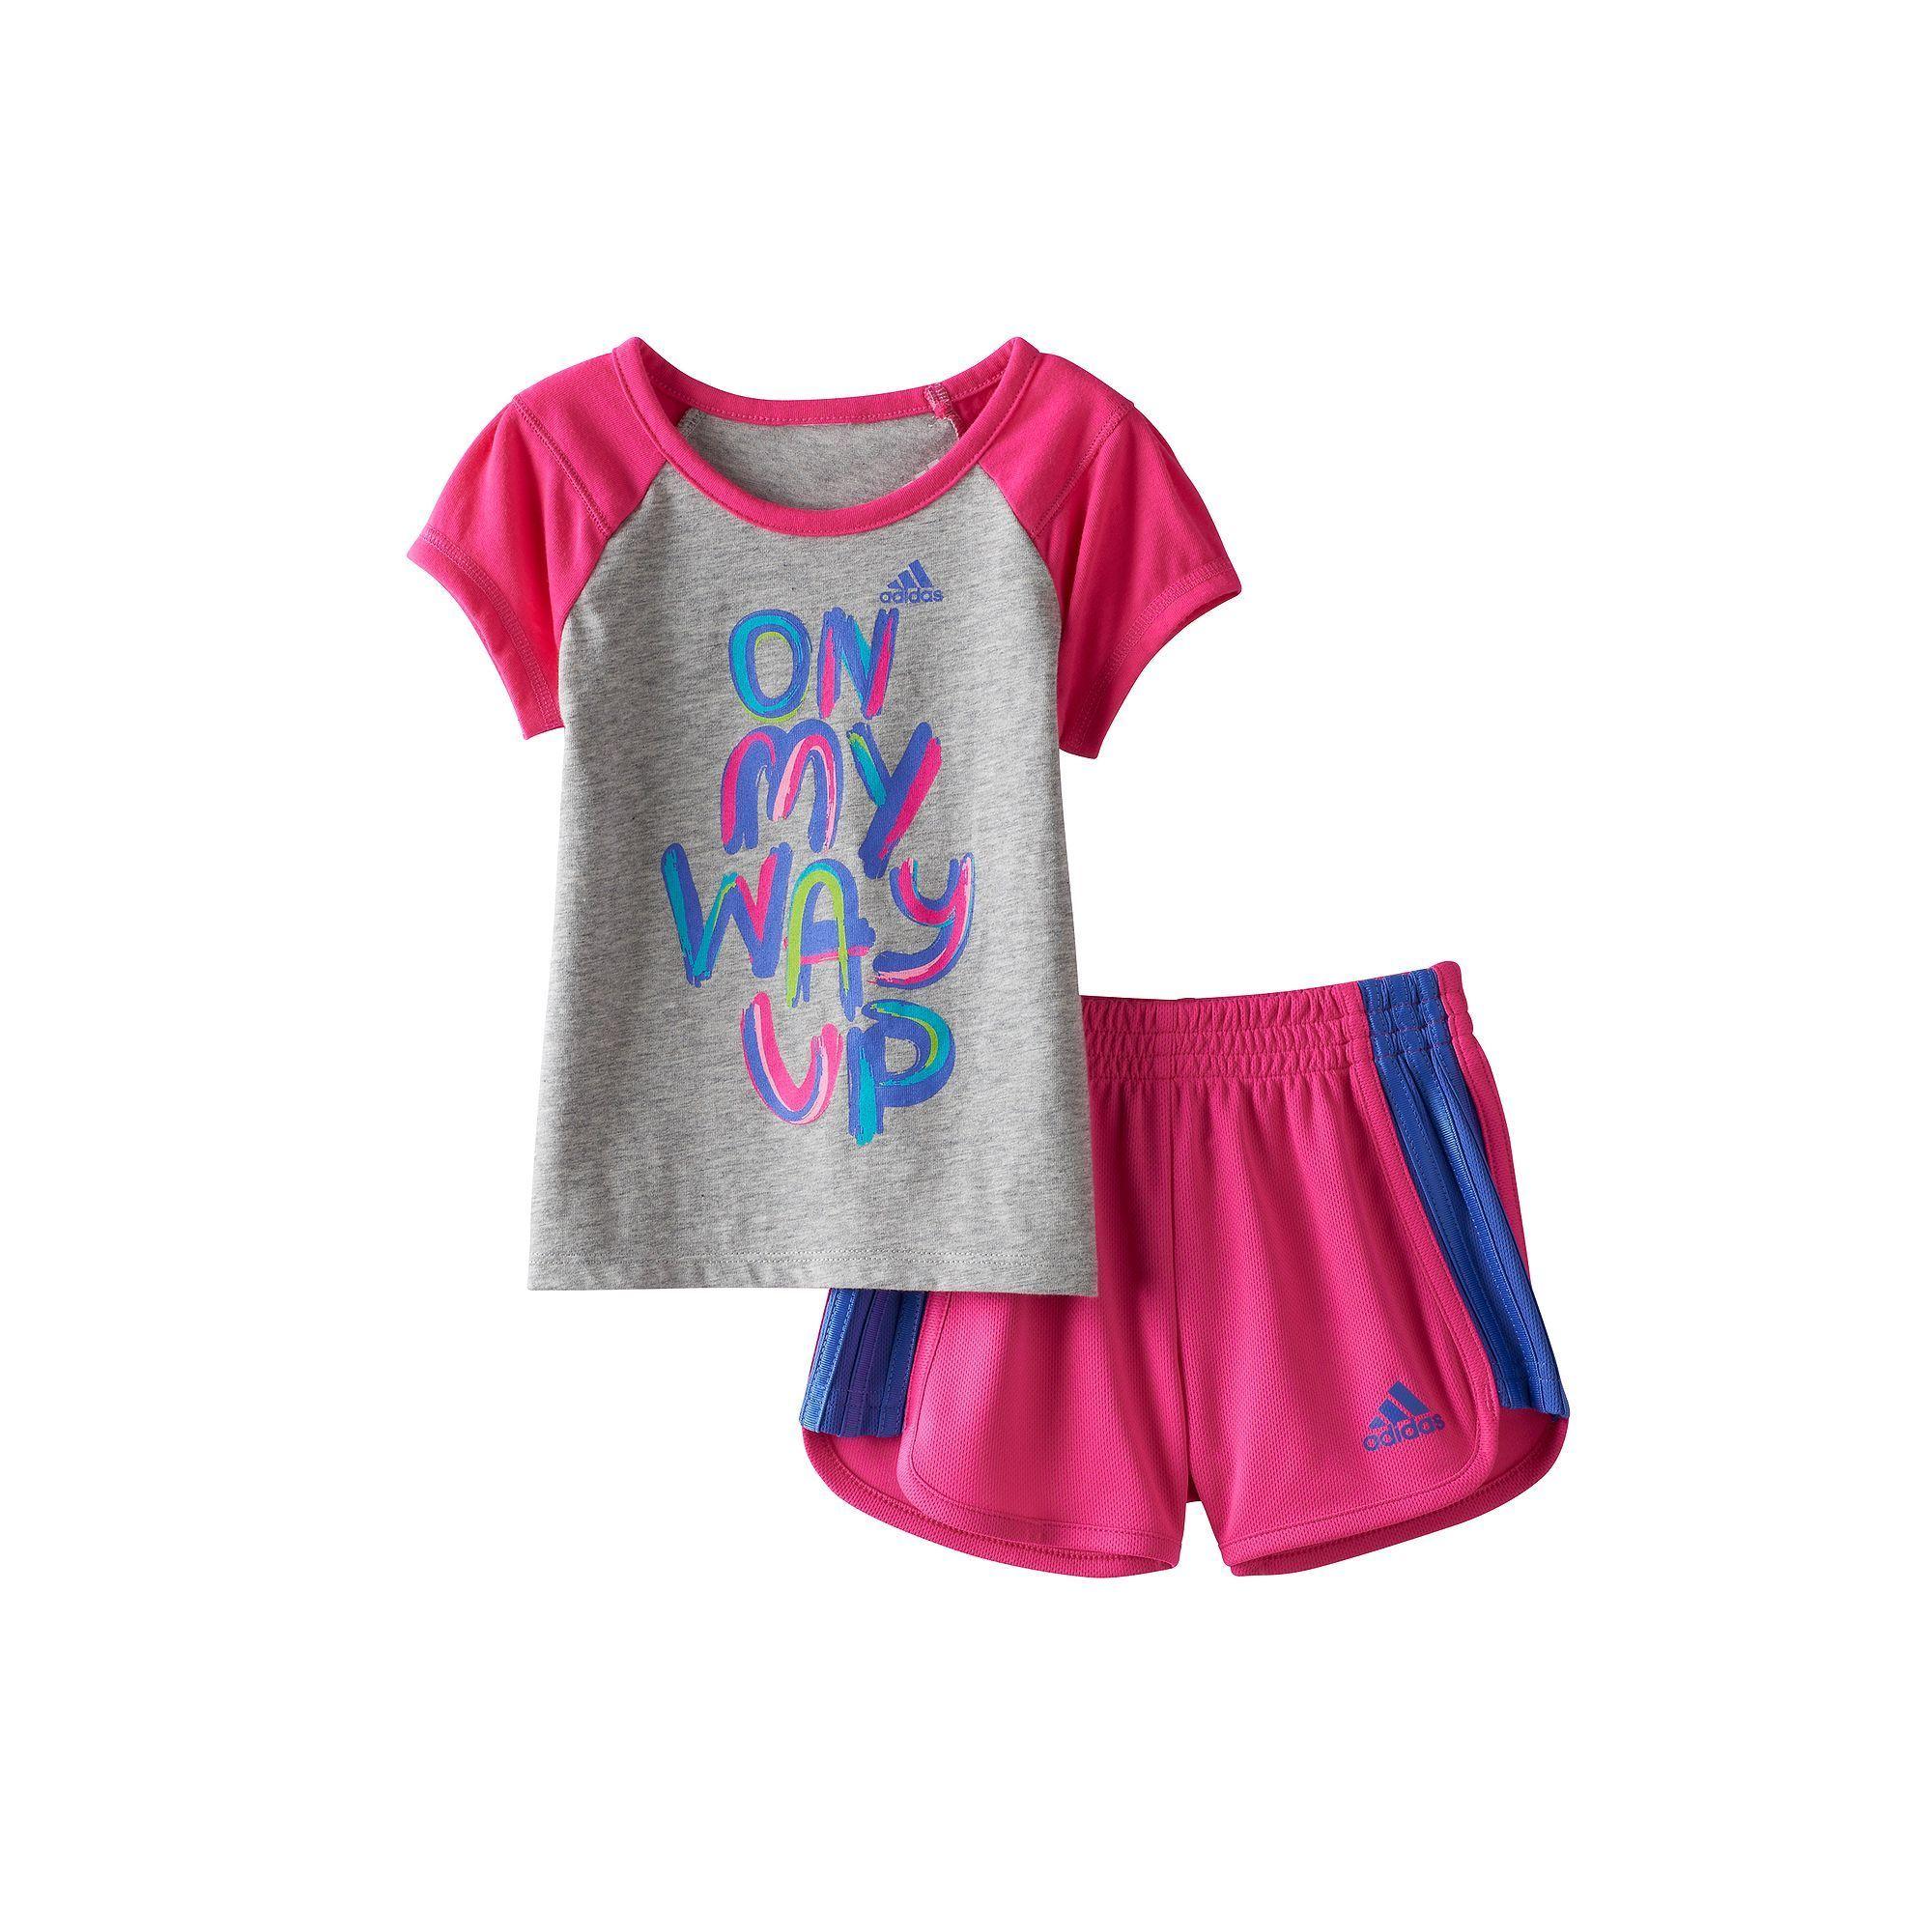 adidas Originals Baby Infant Originals Trefoil Tee Black